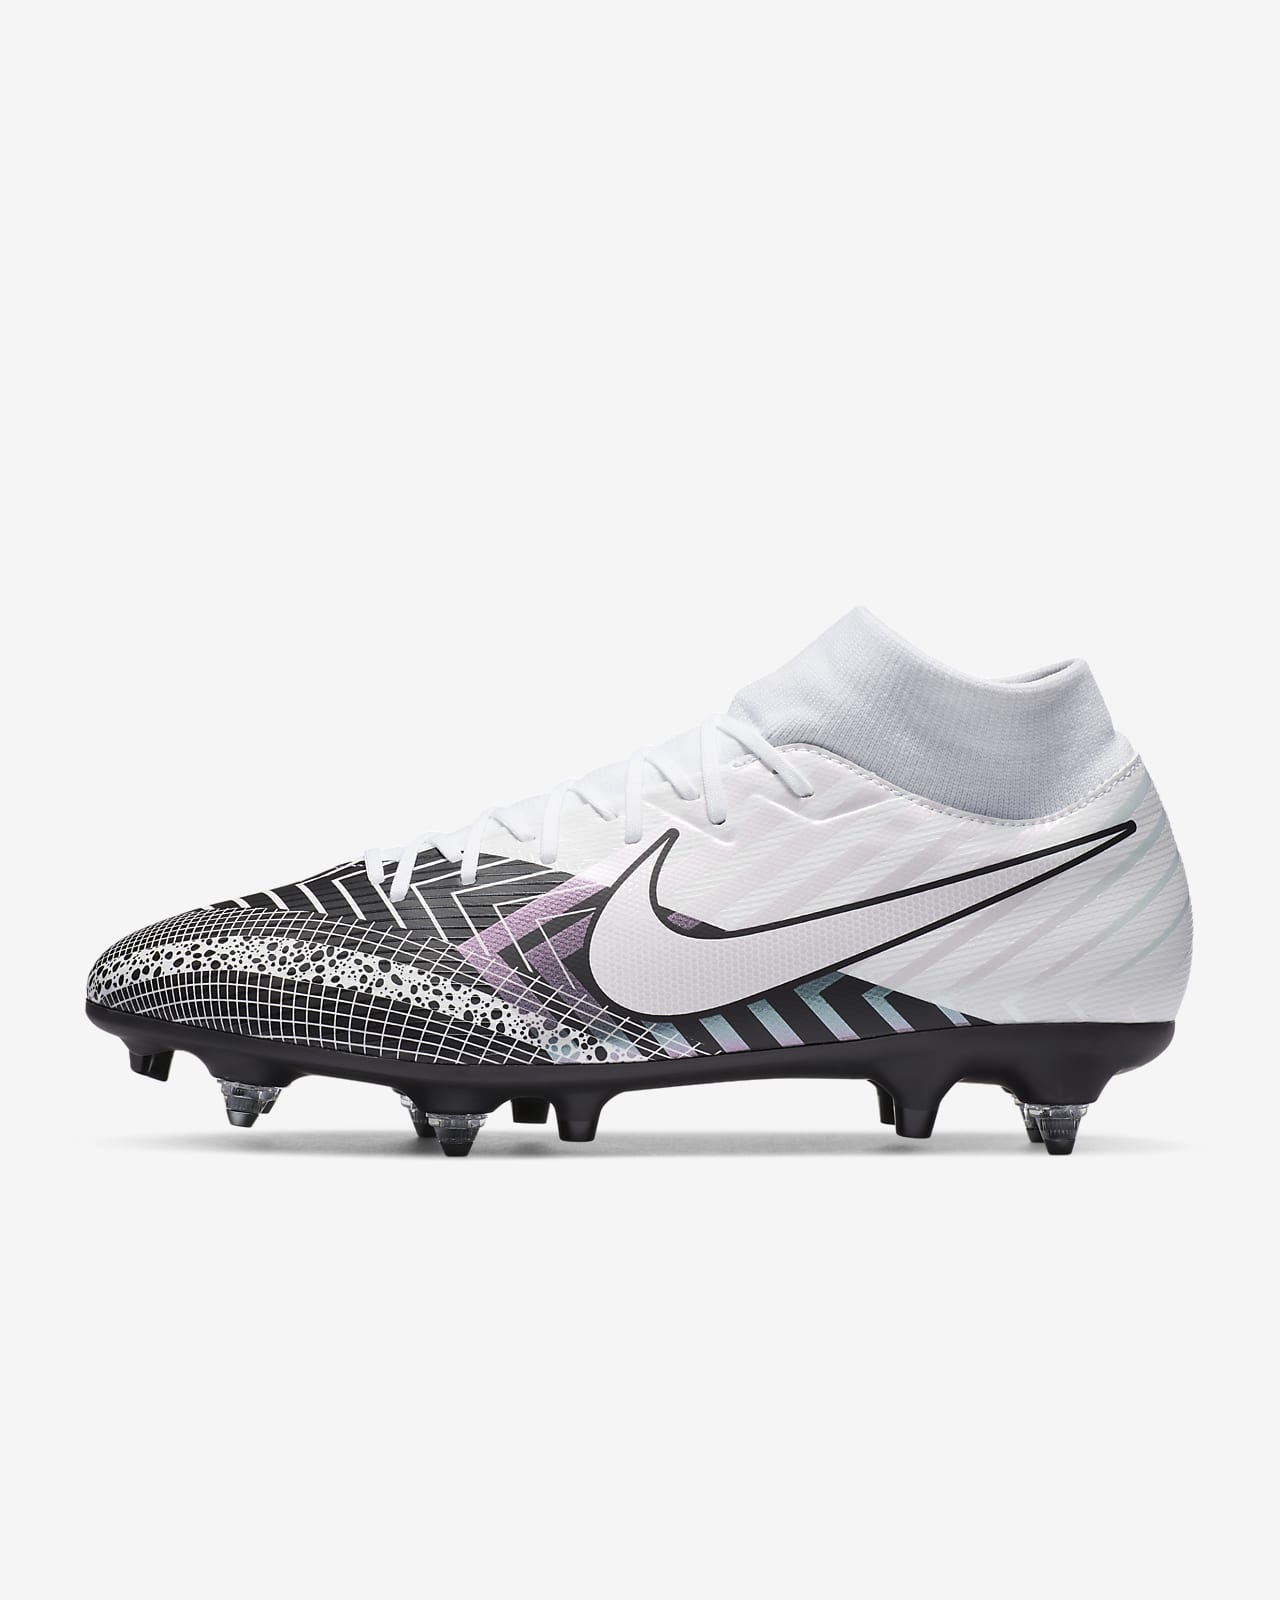 Nike Mercurial Superfly 7 Academy MDS SG-PRO Anti-clog Traction-fodboldstøvle (vådt græs)